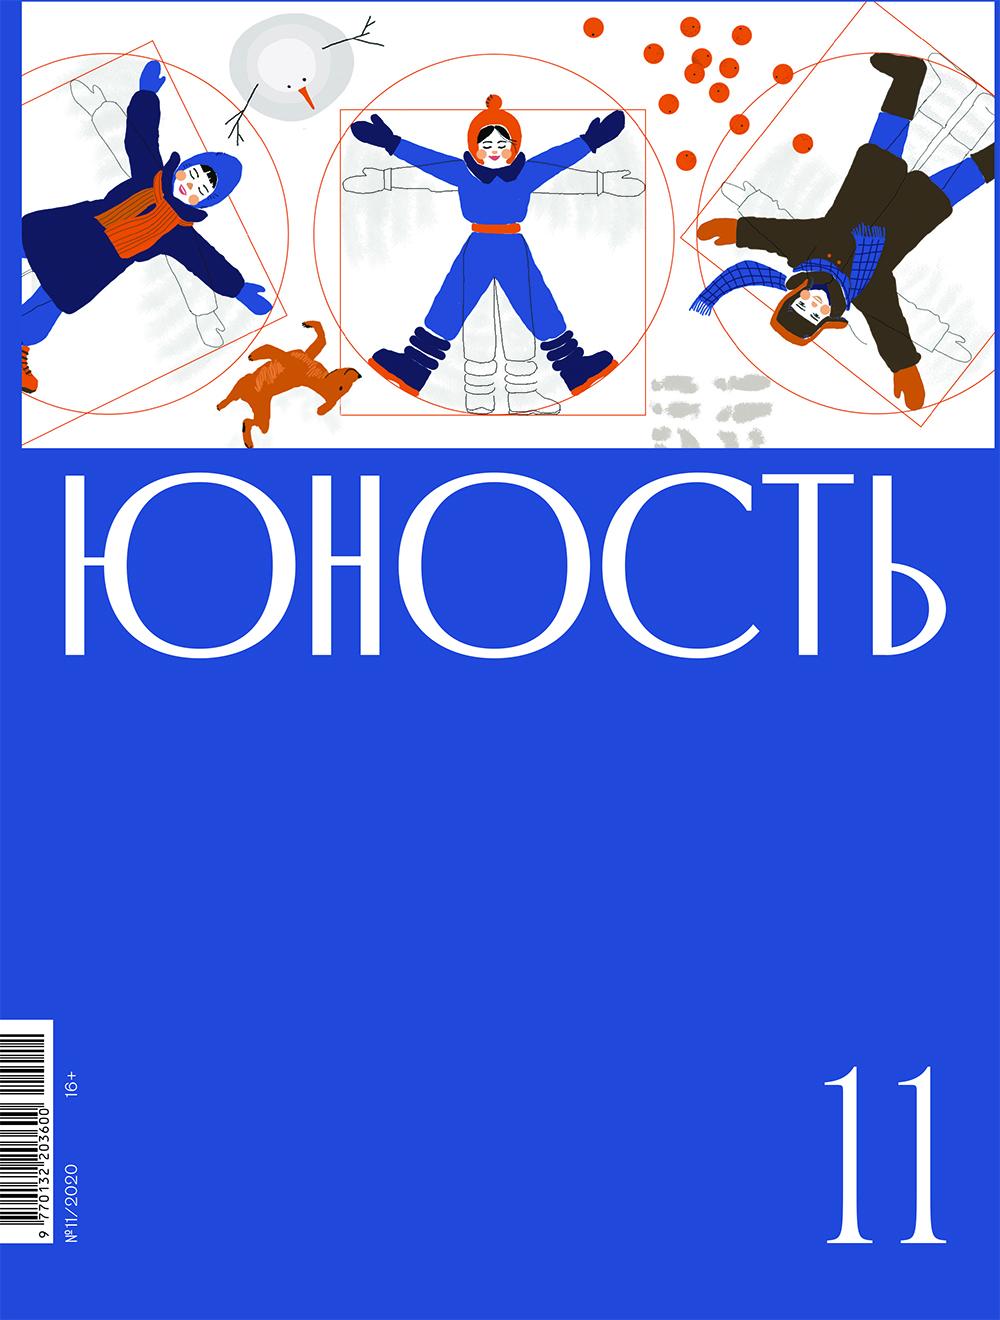 Содержание ноябрьского номера журнала «Юность»